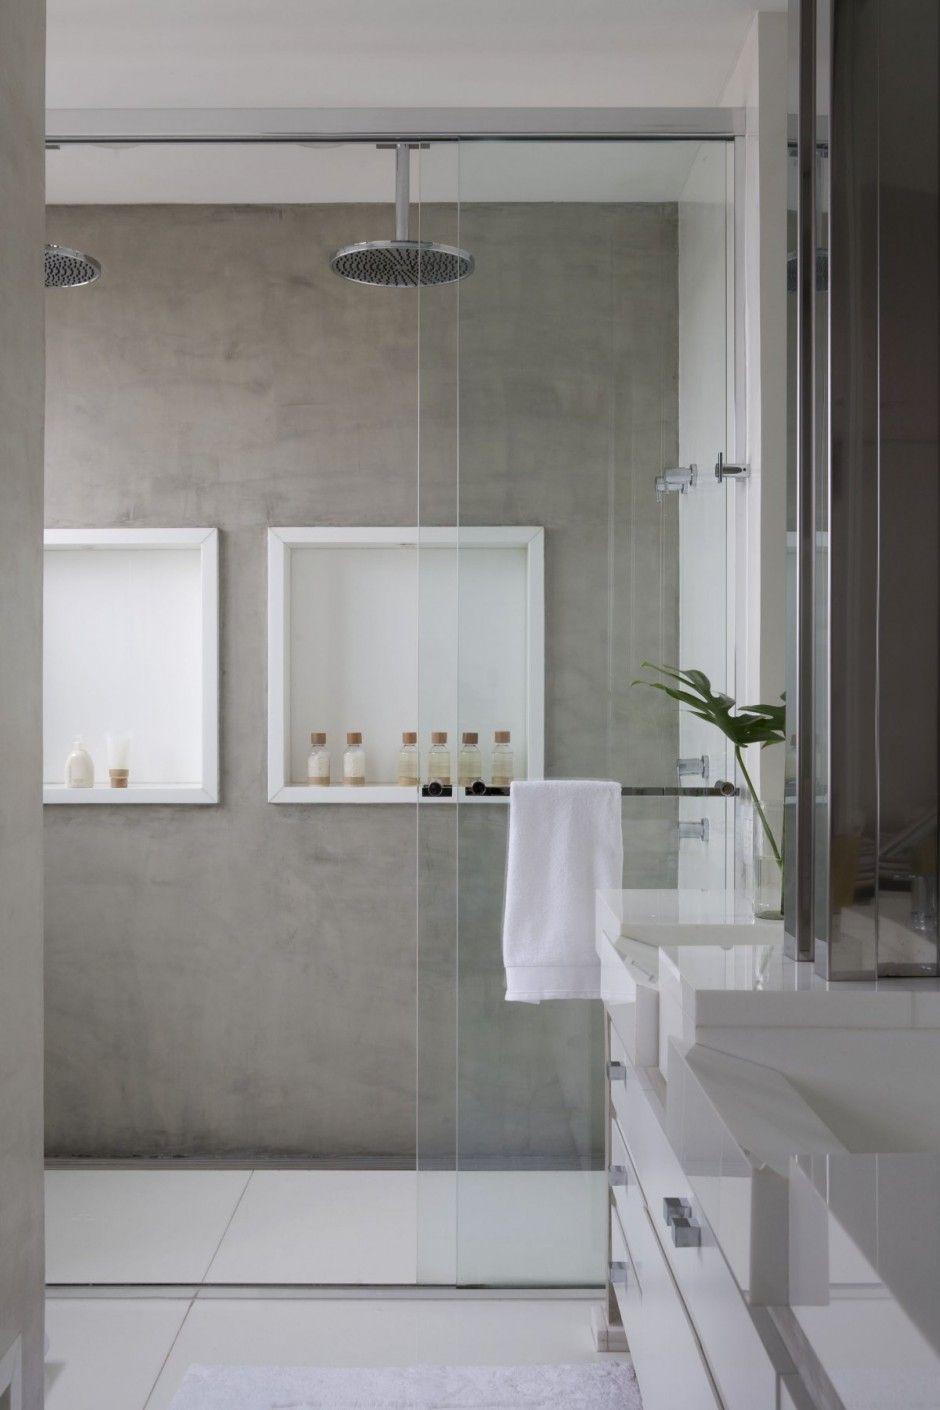 Badezimmer In Betonoptik Mehr Infos Unter Www Farbefreudeleben De Bad Styling Badezimmer Renovieren